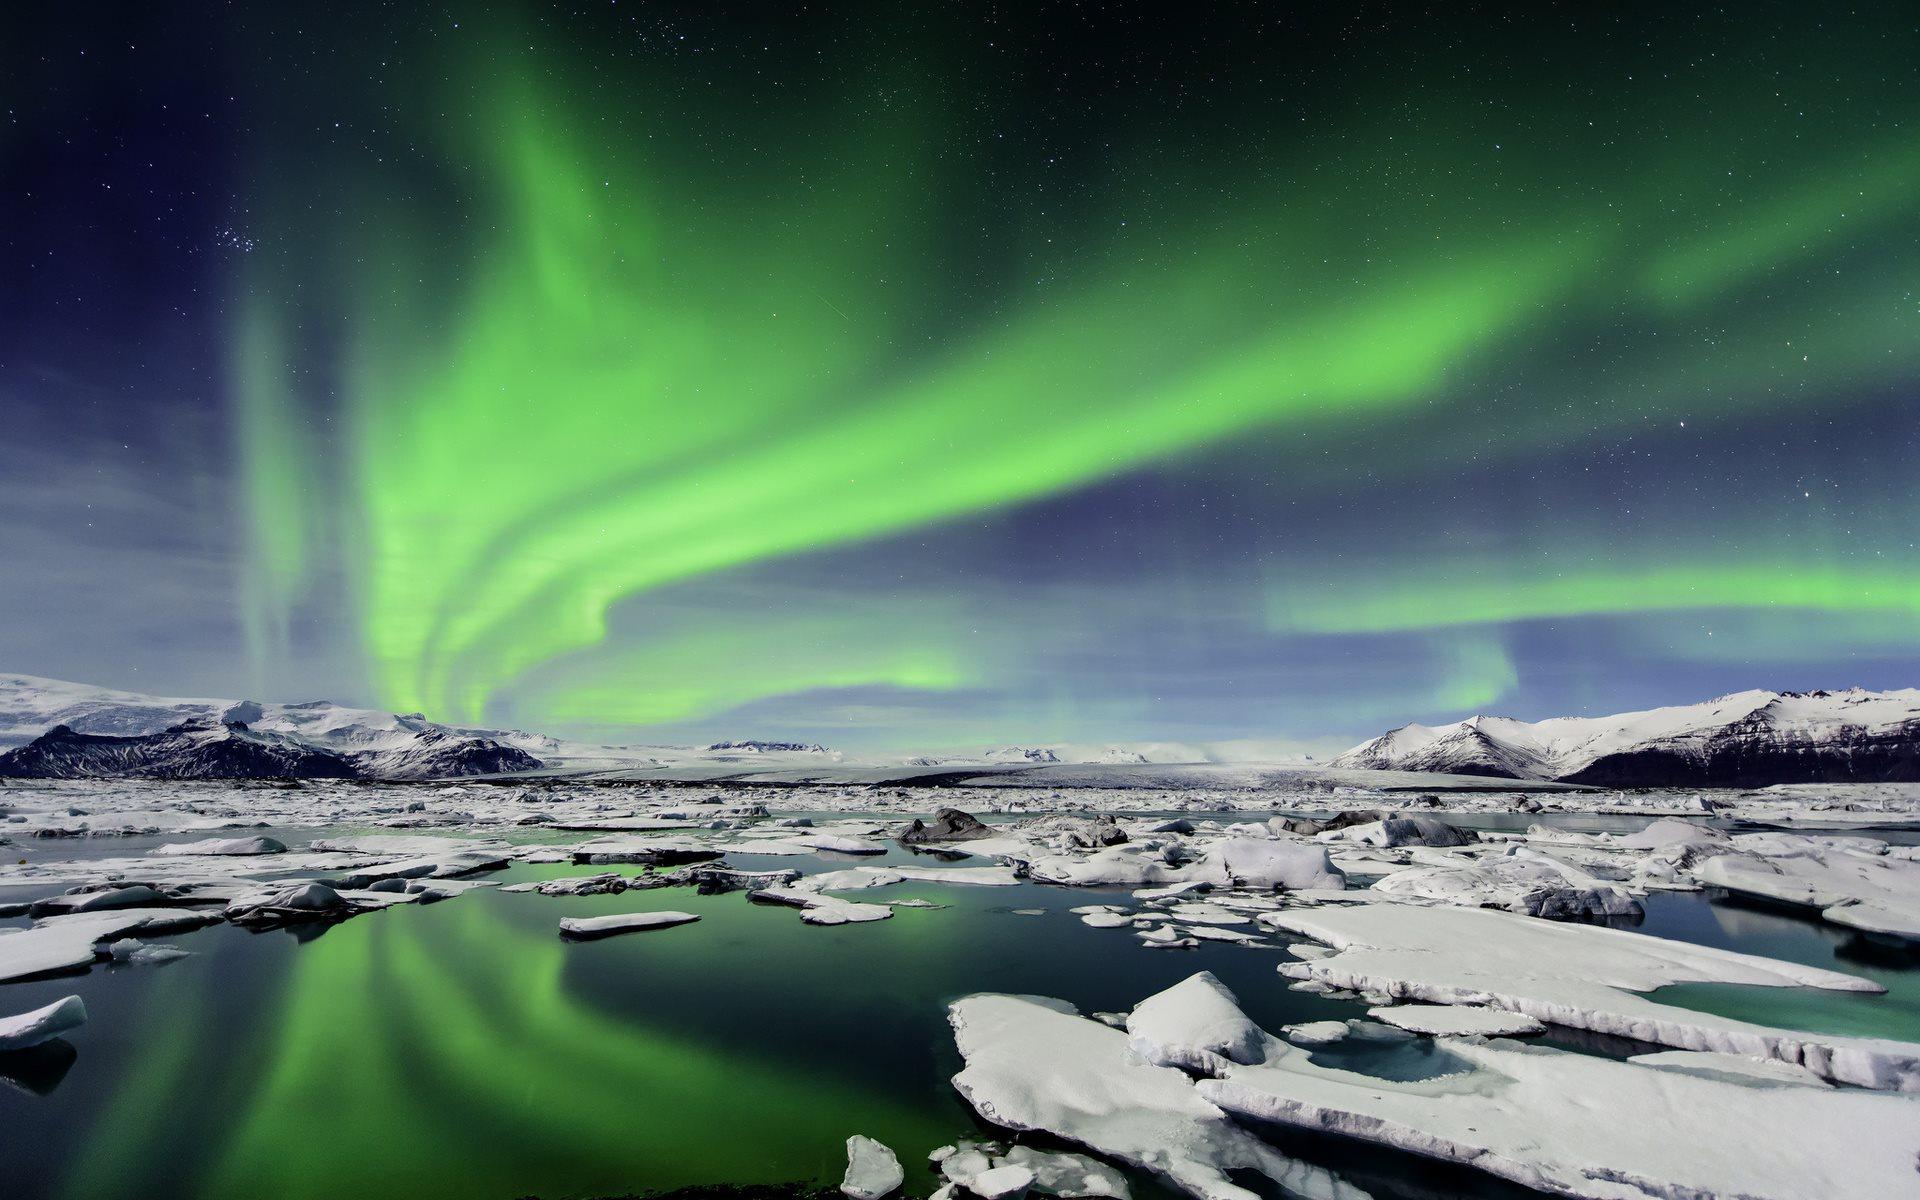 aurora borealis wallpaper free